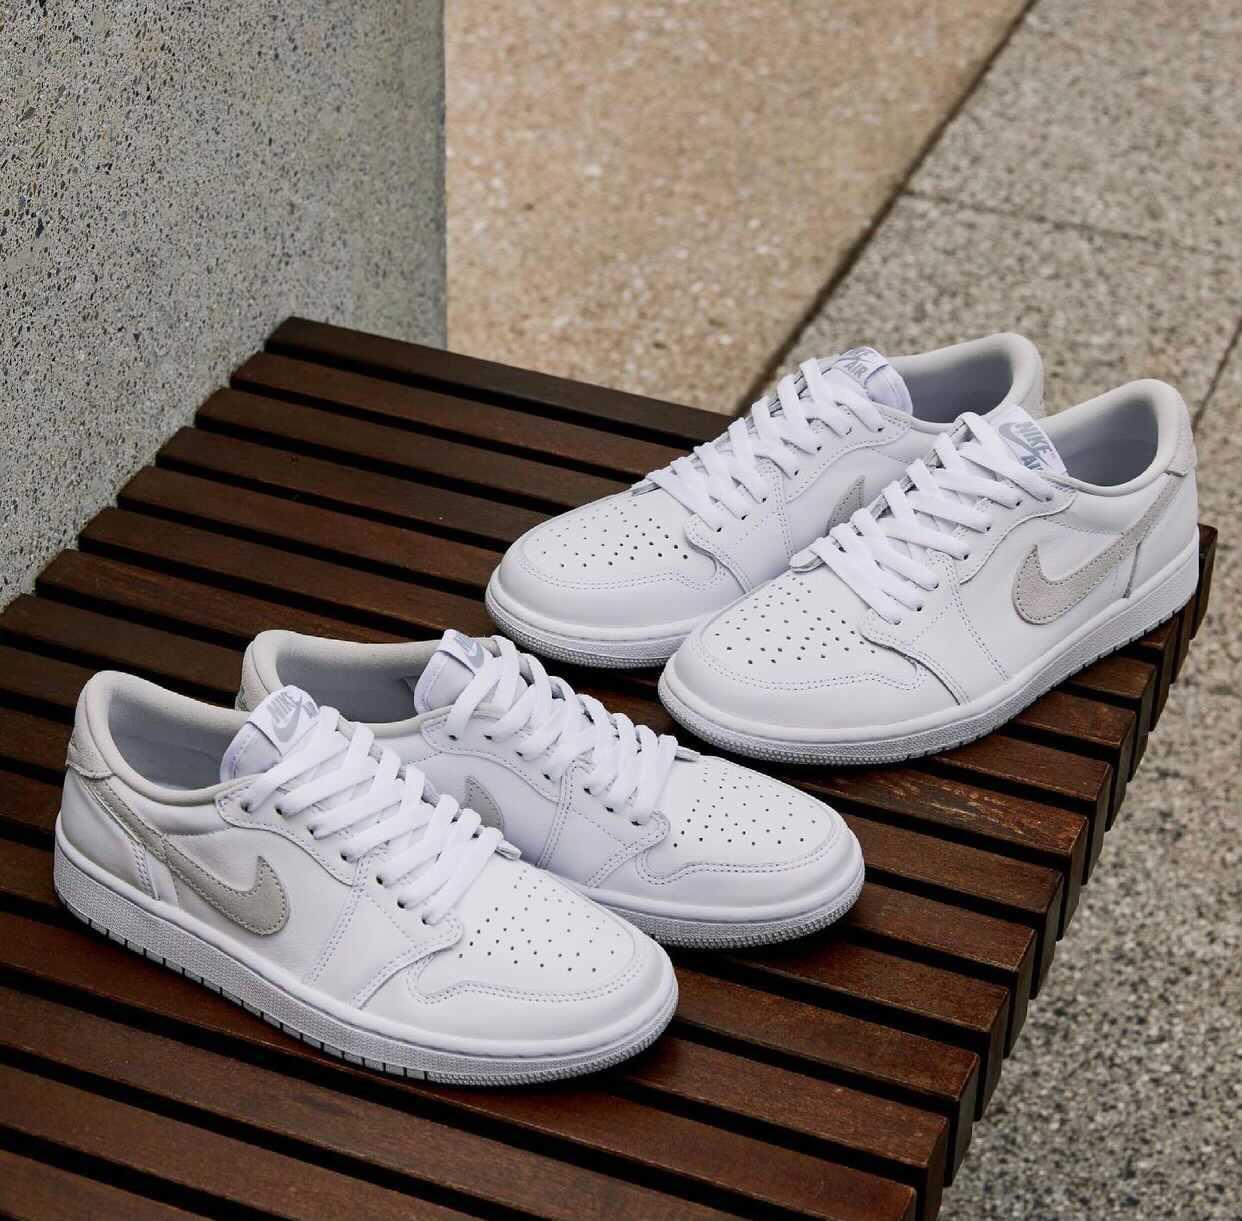 """ナイキ ウィメンズ エア ジョーダン 1 レトロ ロー OG """"ニュートラル グレー"""" Nike-Air-Jordan-1-Low-OG-Neutral-Grey-CZ0775-100-pair main"""